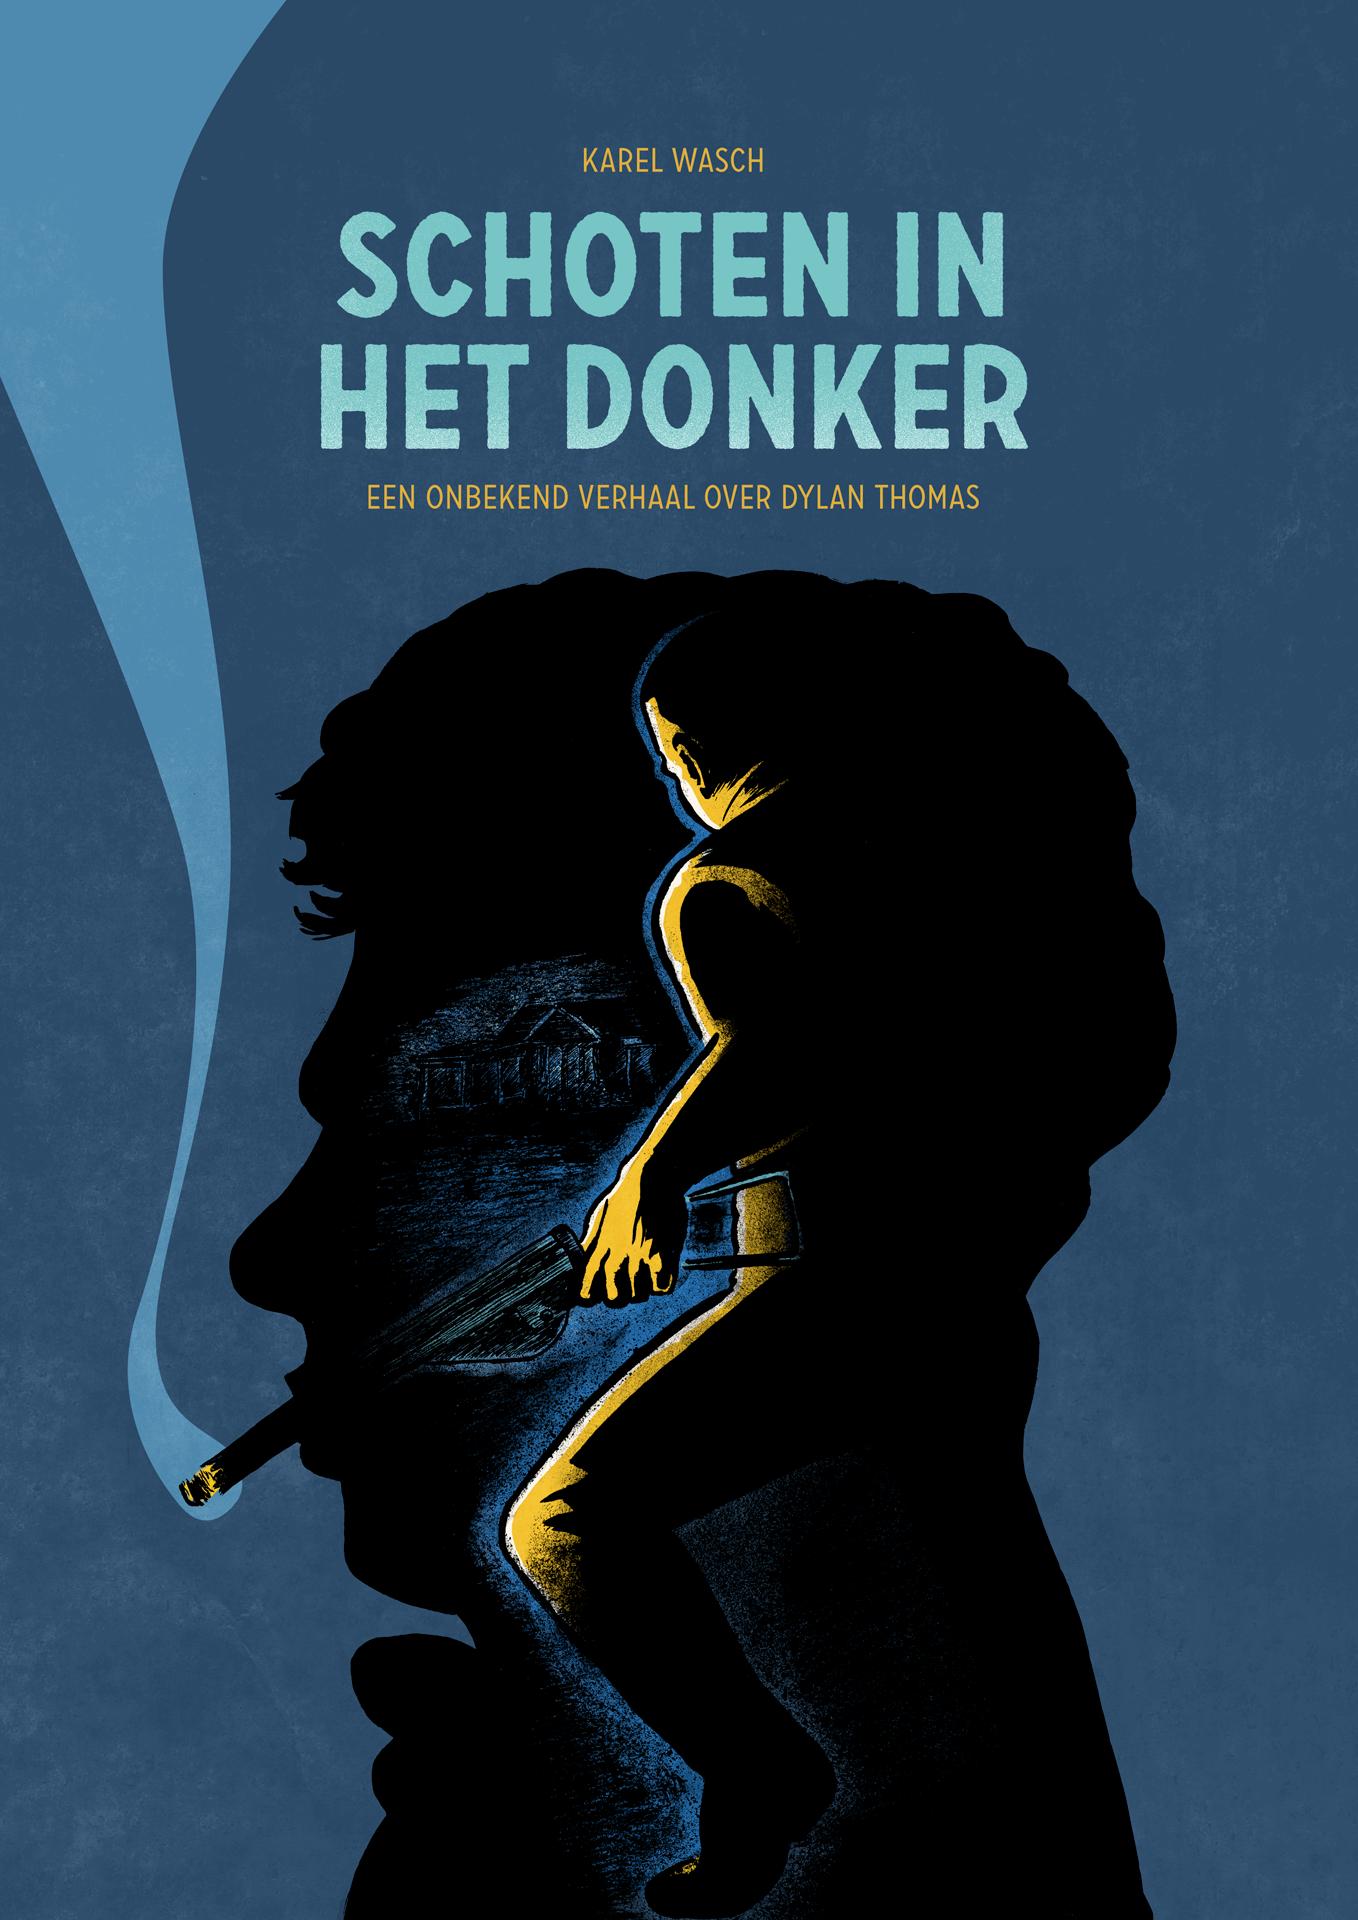 het nieuwe boek 'schoten in het donker'. Een verhaal uit het leven van de dichter Dylan Thomas.